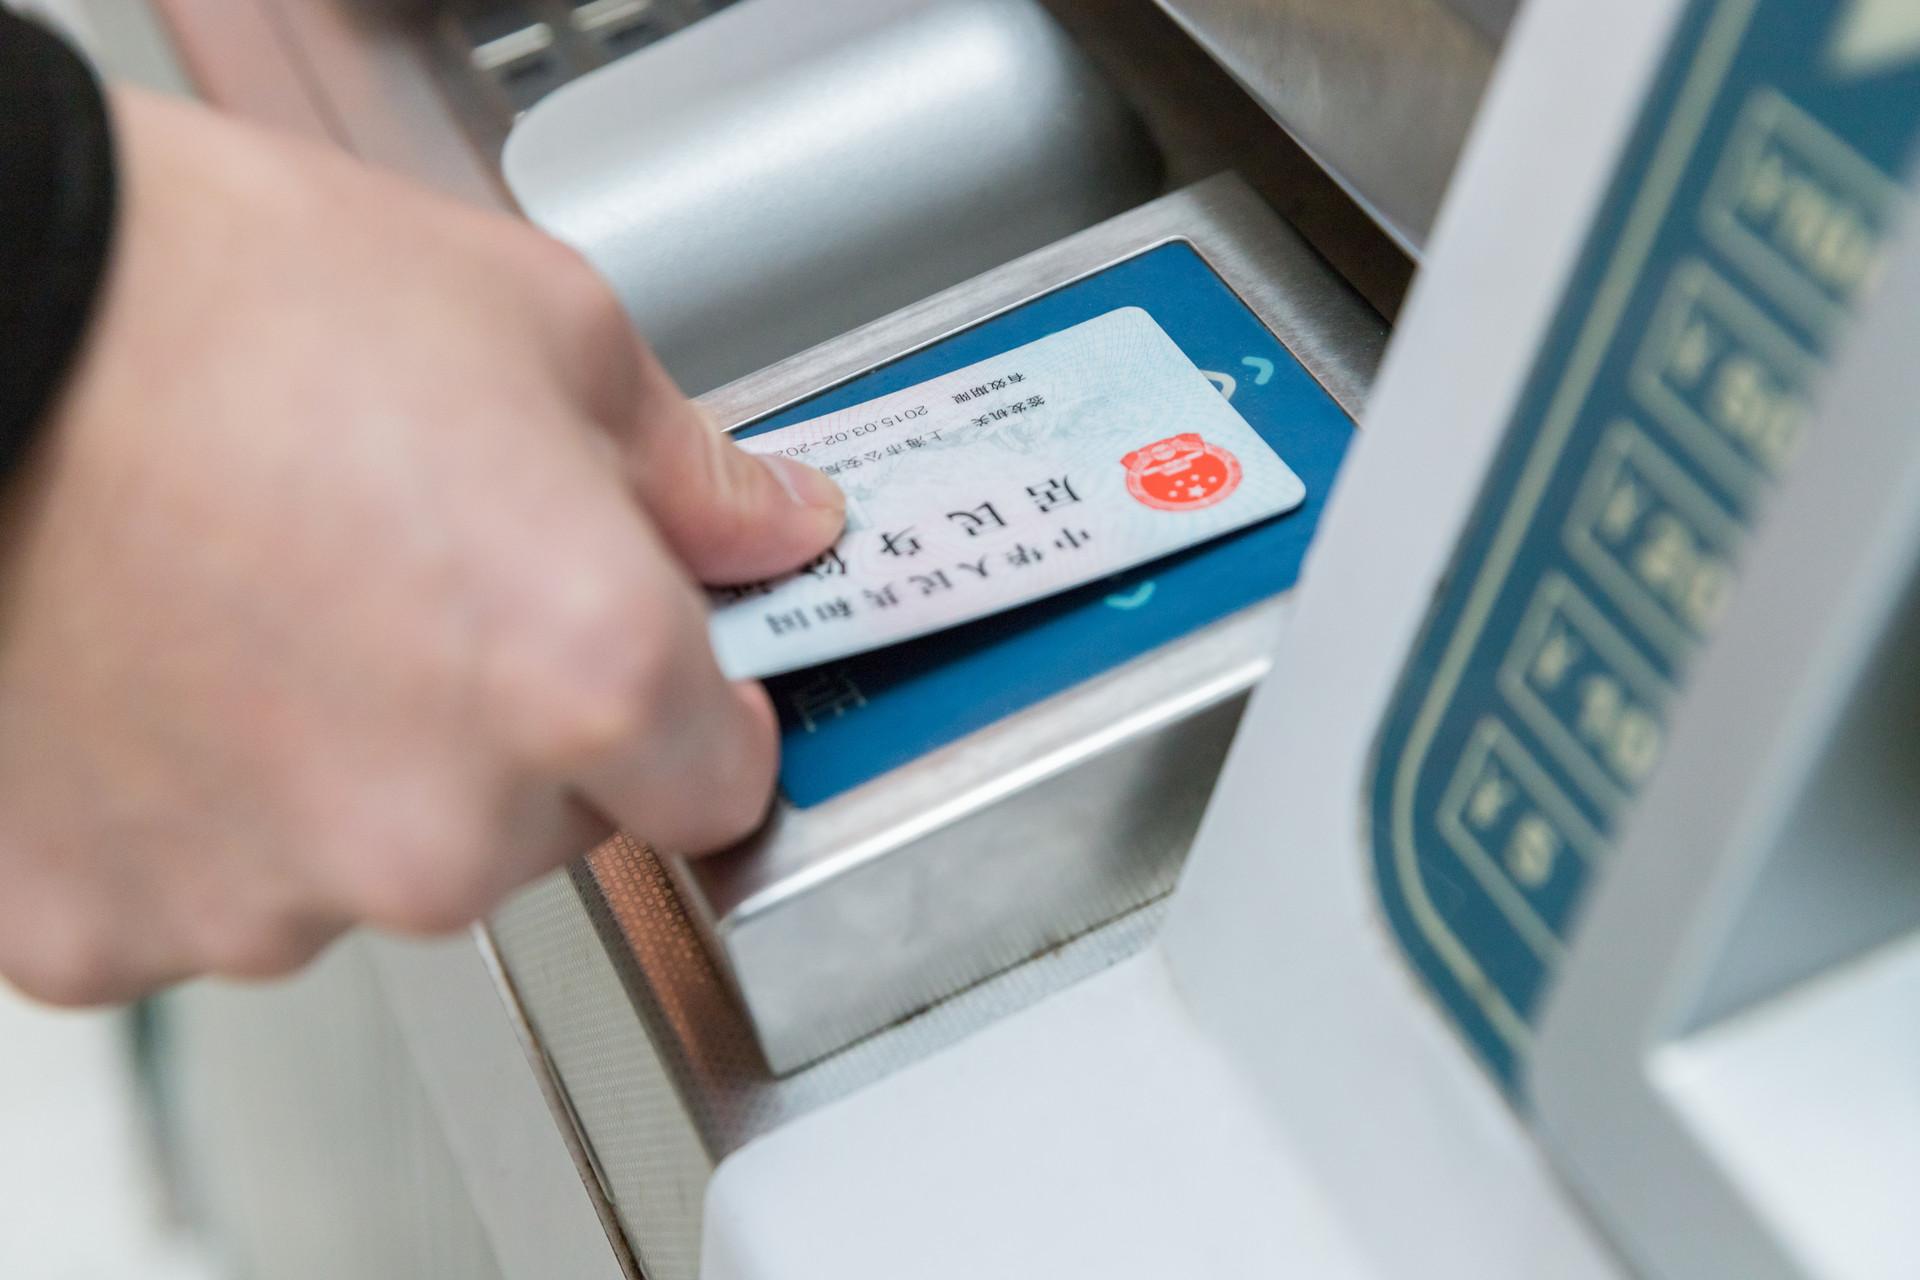 数字能量看身份证号运势,数字能量怎么分析身份证号码?